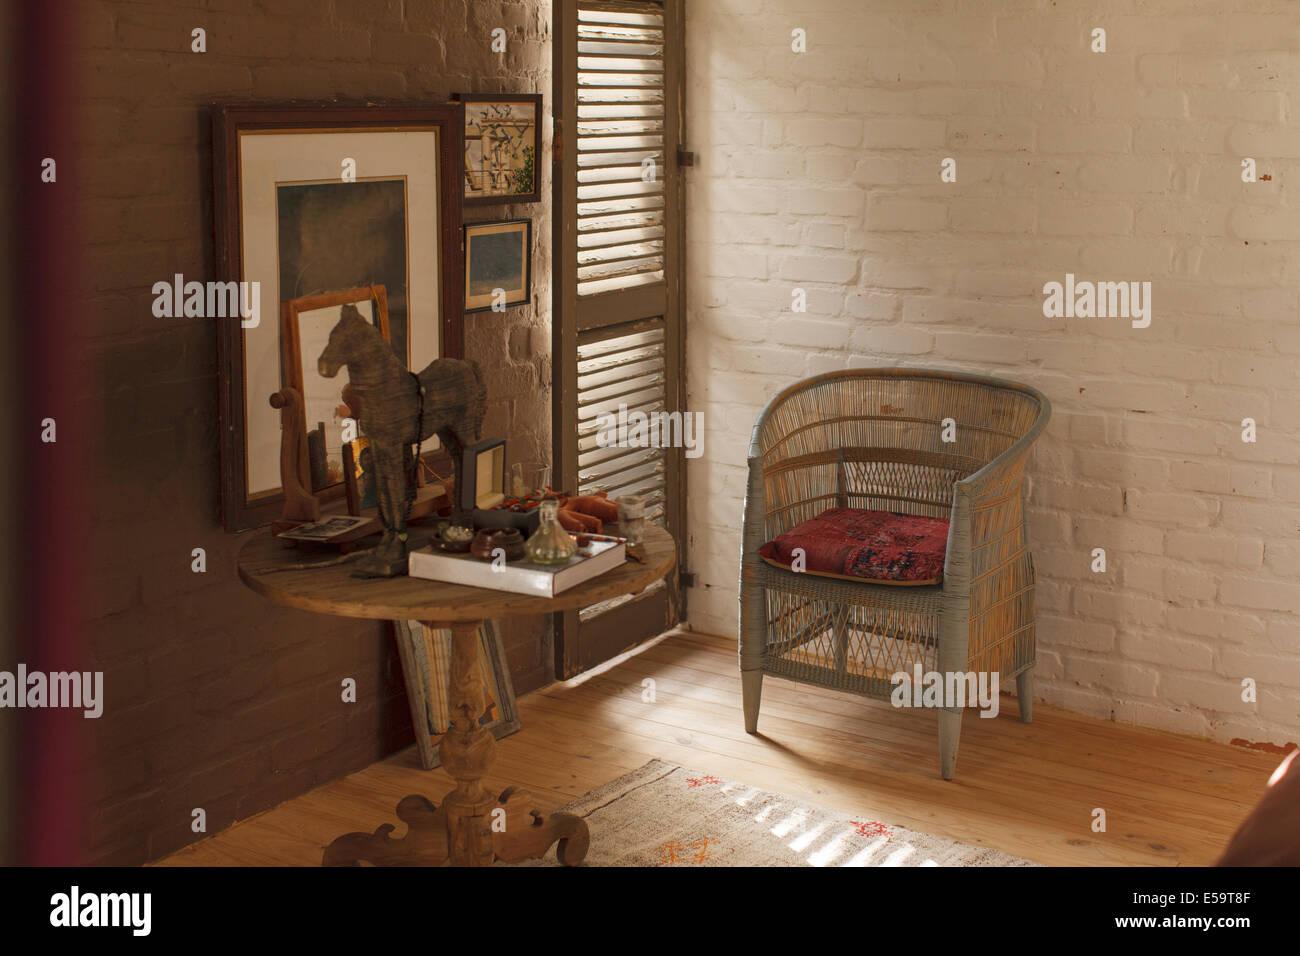 Tavolo laterale e decorazioni in camera da letto in stile - Decorazioni camera da letto ...